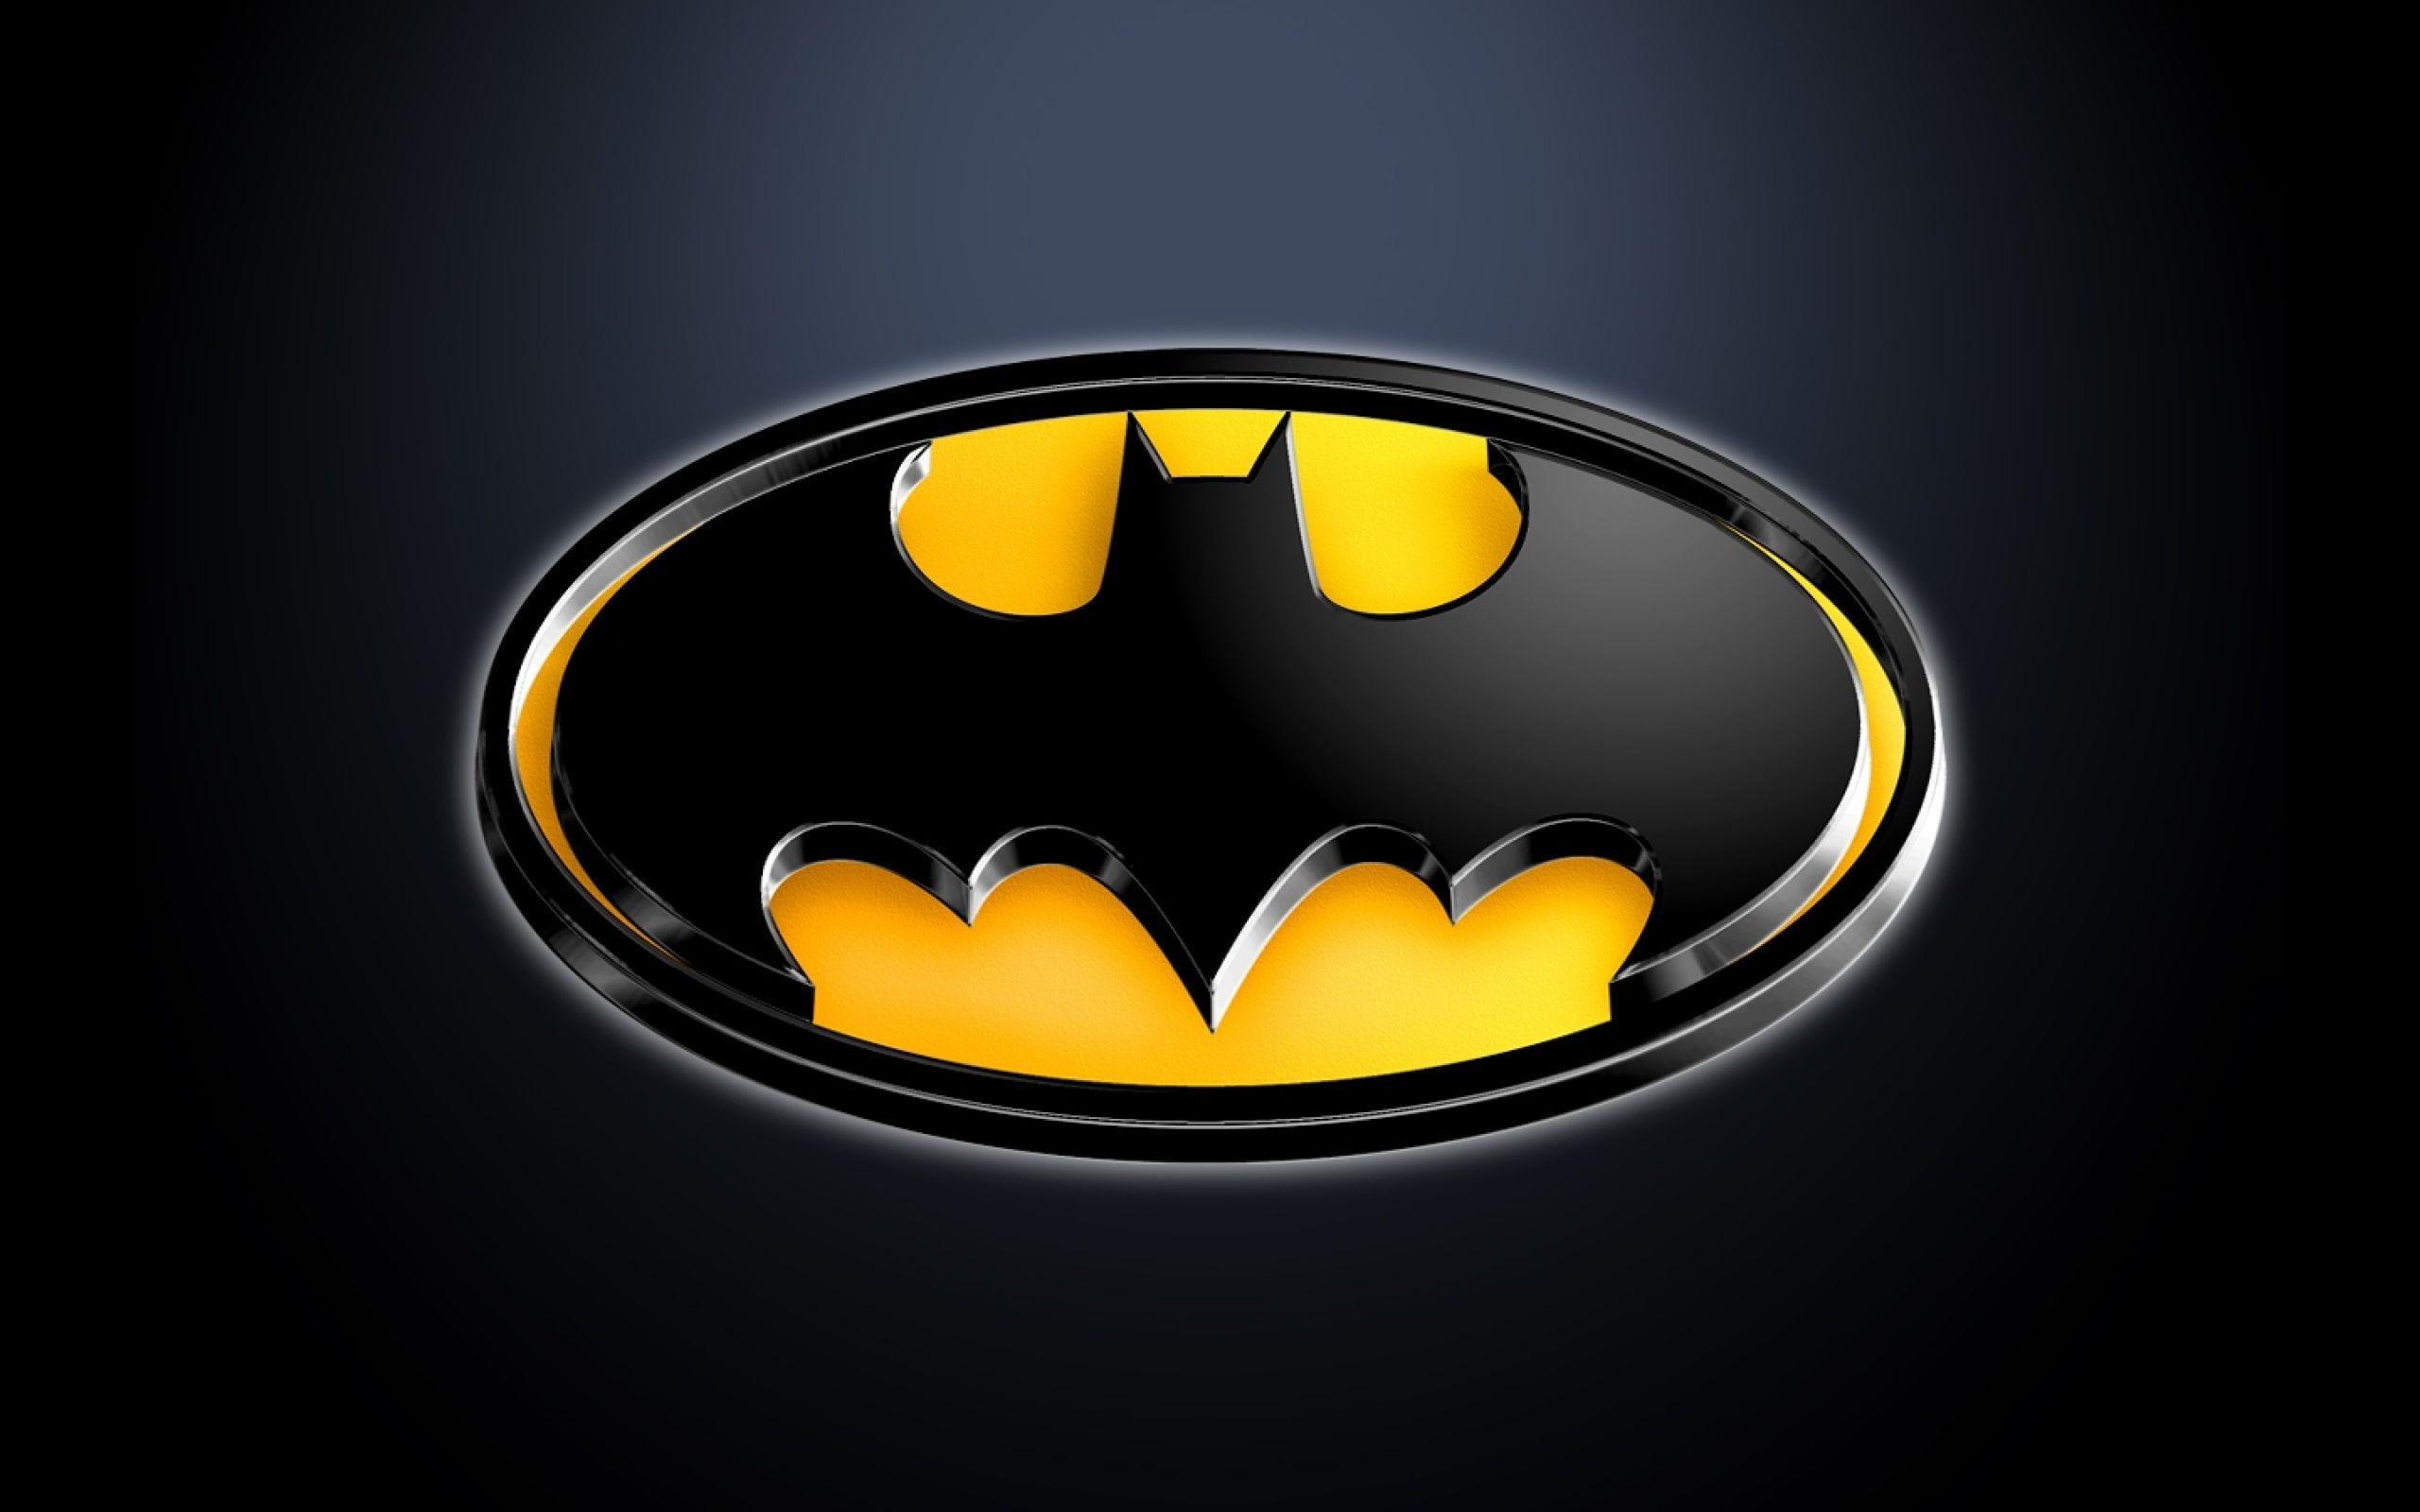 Batman V Superman Adventure Action Dc Comics D C Superman Batman Dark Knight Superhero Dawn Justice Superman Wallpaper Superman Hd Wallpaper Batman Vs Superman